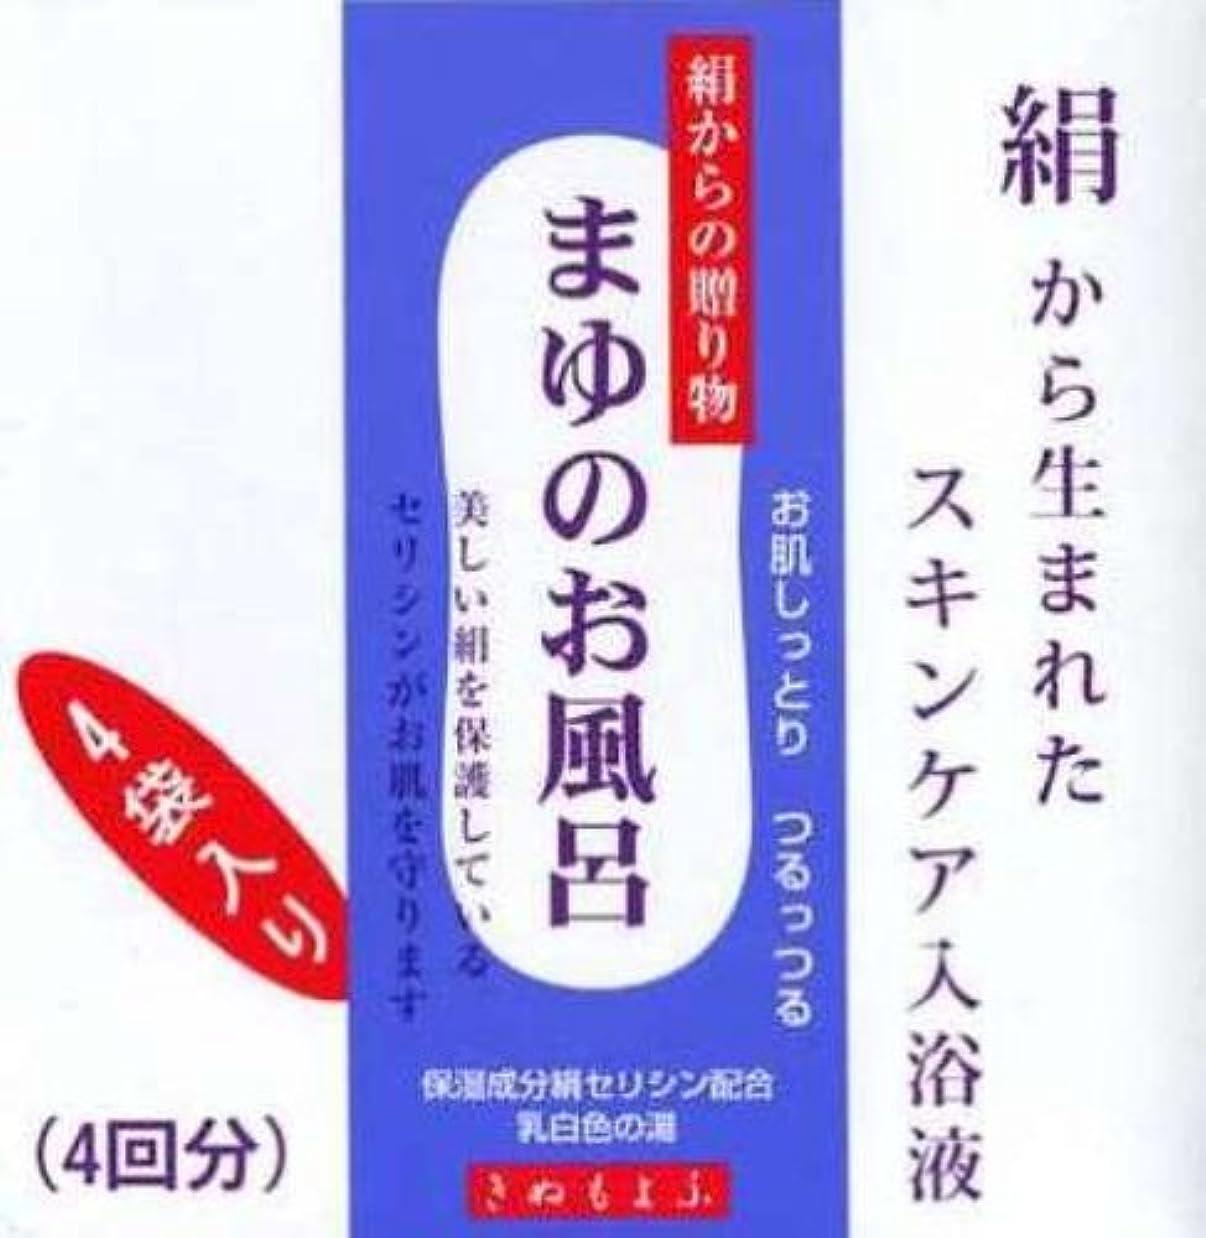 矢倫理的クリームまゆシリーズ きぬもよふ まゆのお風呂 25ml(1回分×4袋)